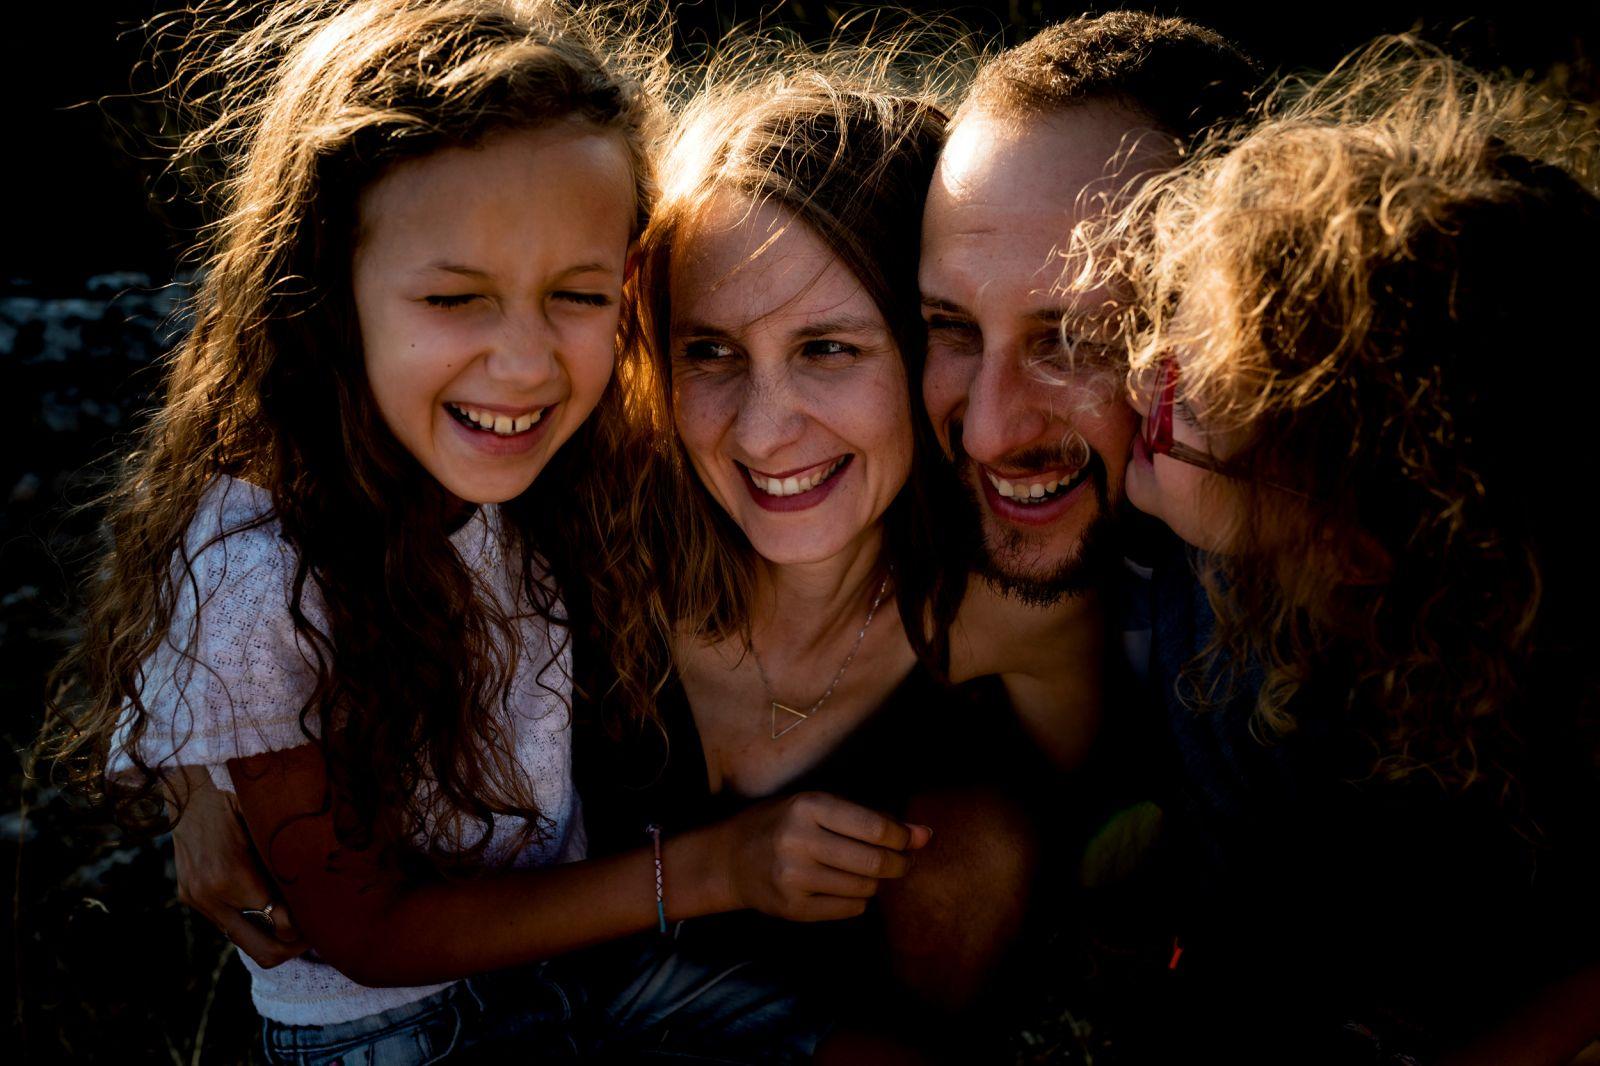 séance photos en famille enfant été montagne ardèche